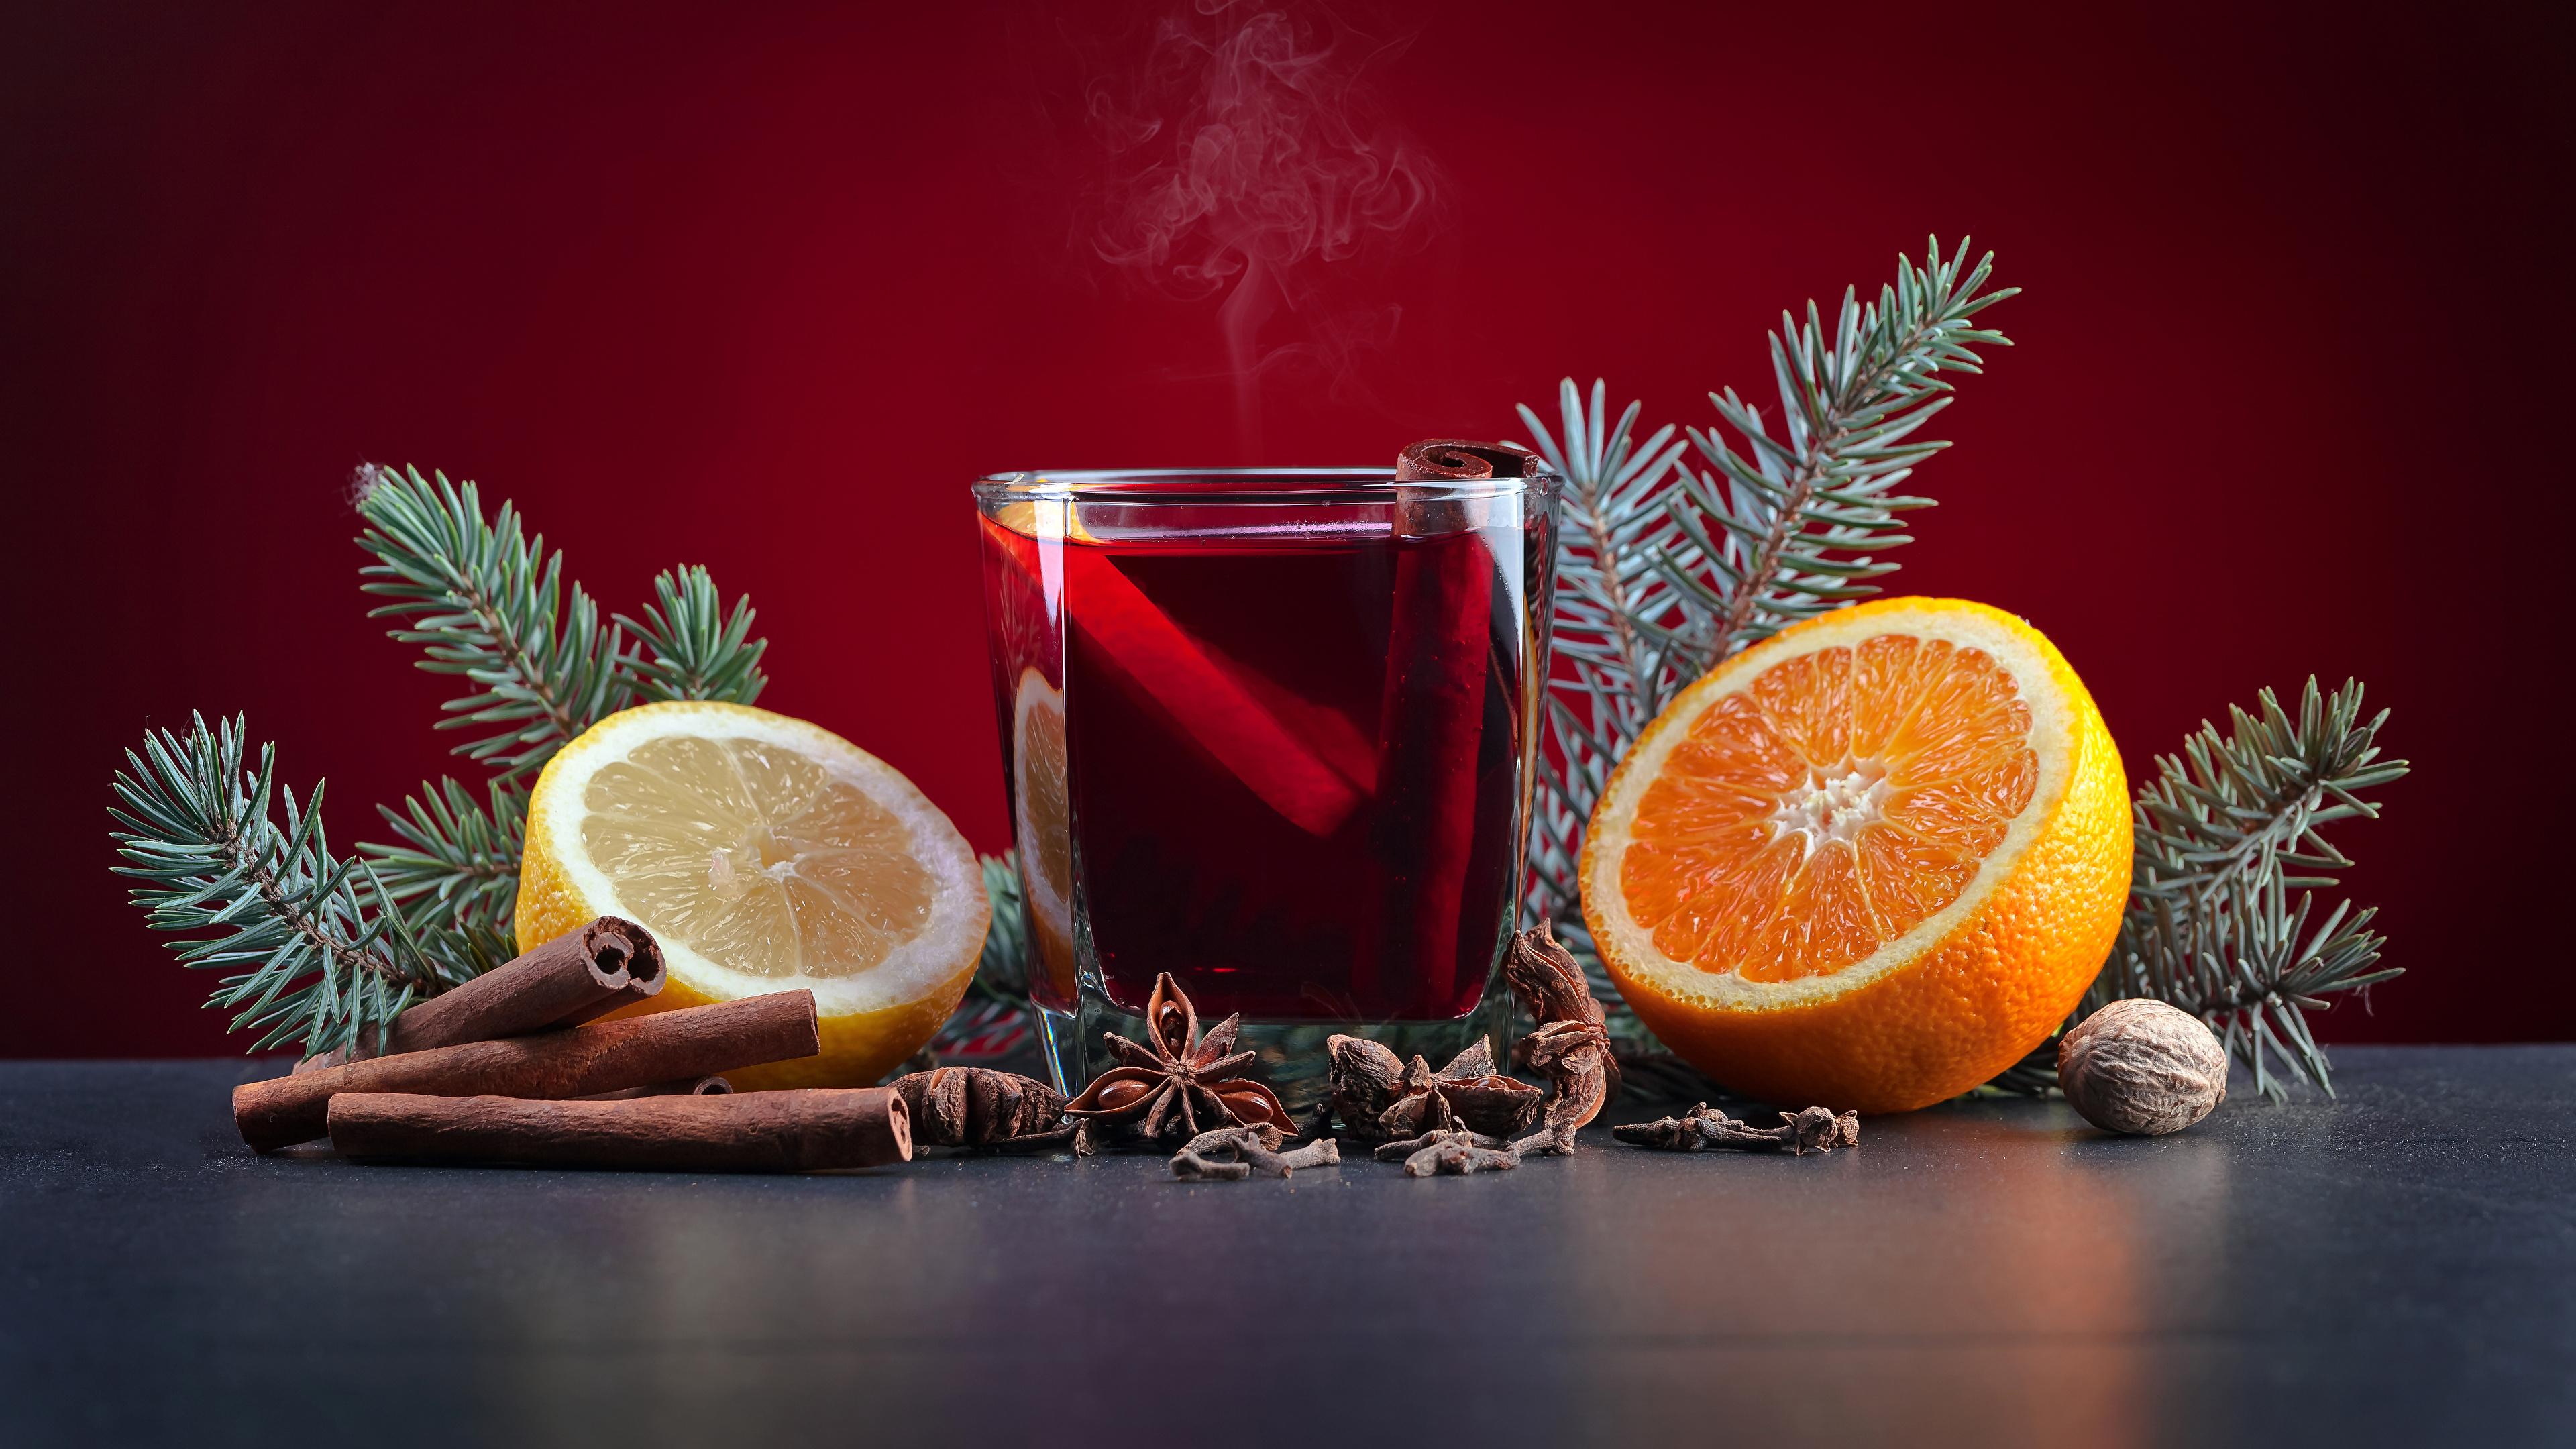 Картинка Новый год Апельсин Бадьян звезда аниса Стакан Лимоны Корица Пища Орехи Напитки 3840x2160 Рождество стакана стакане Еда Продукты питания напиток